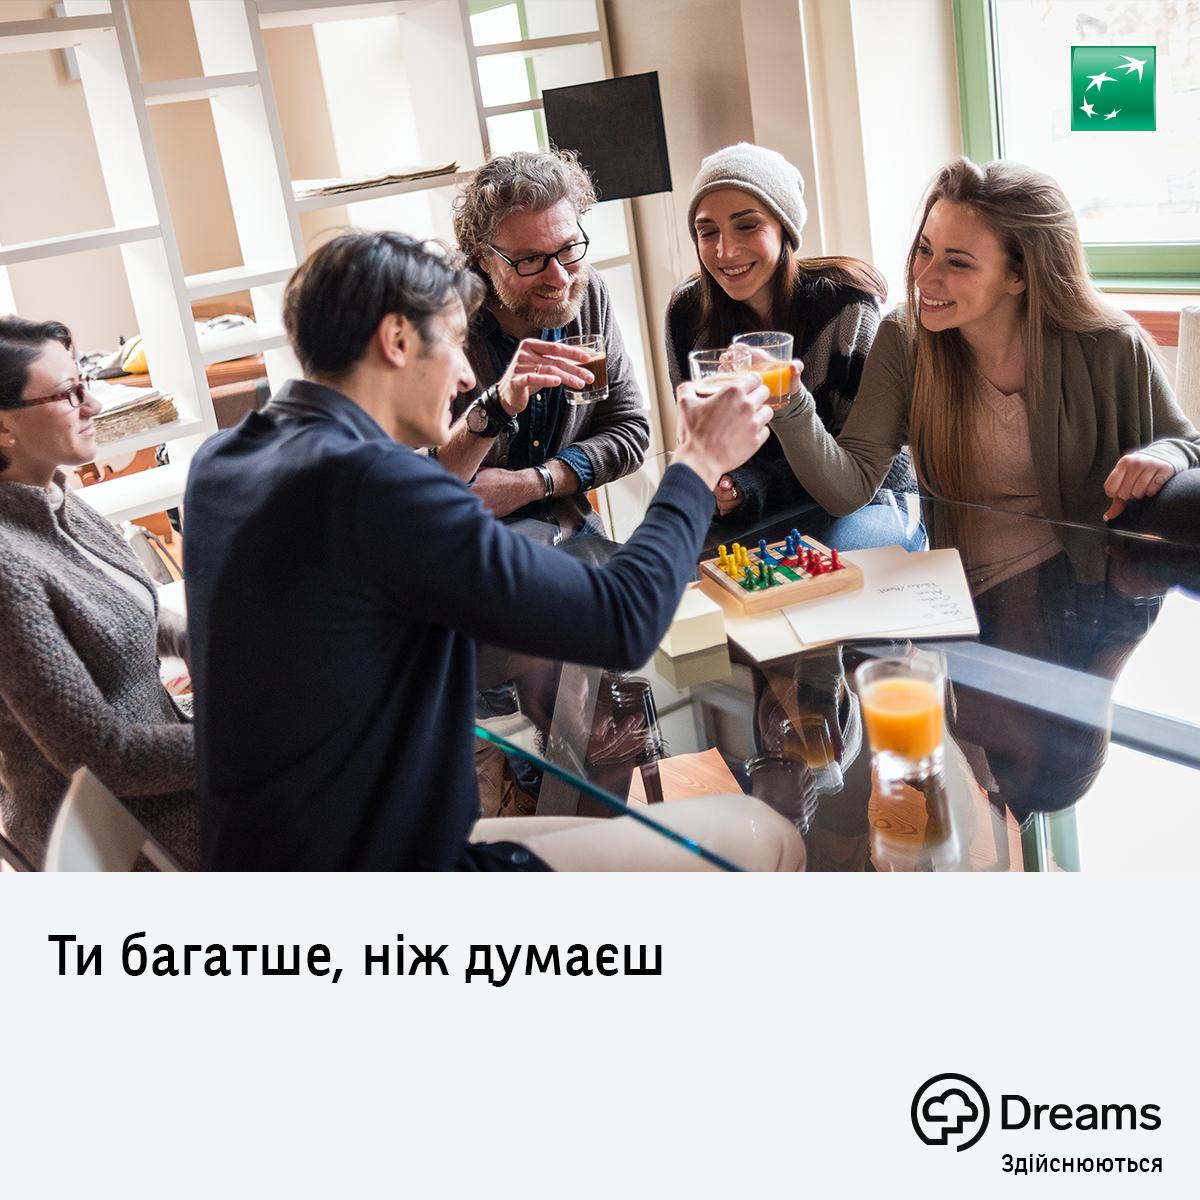 UKRSIBBANK представил уникальный для украинского рынка сервис Dreams